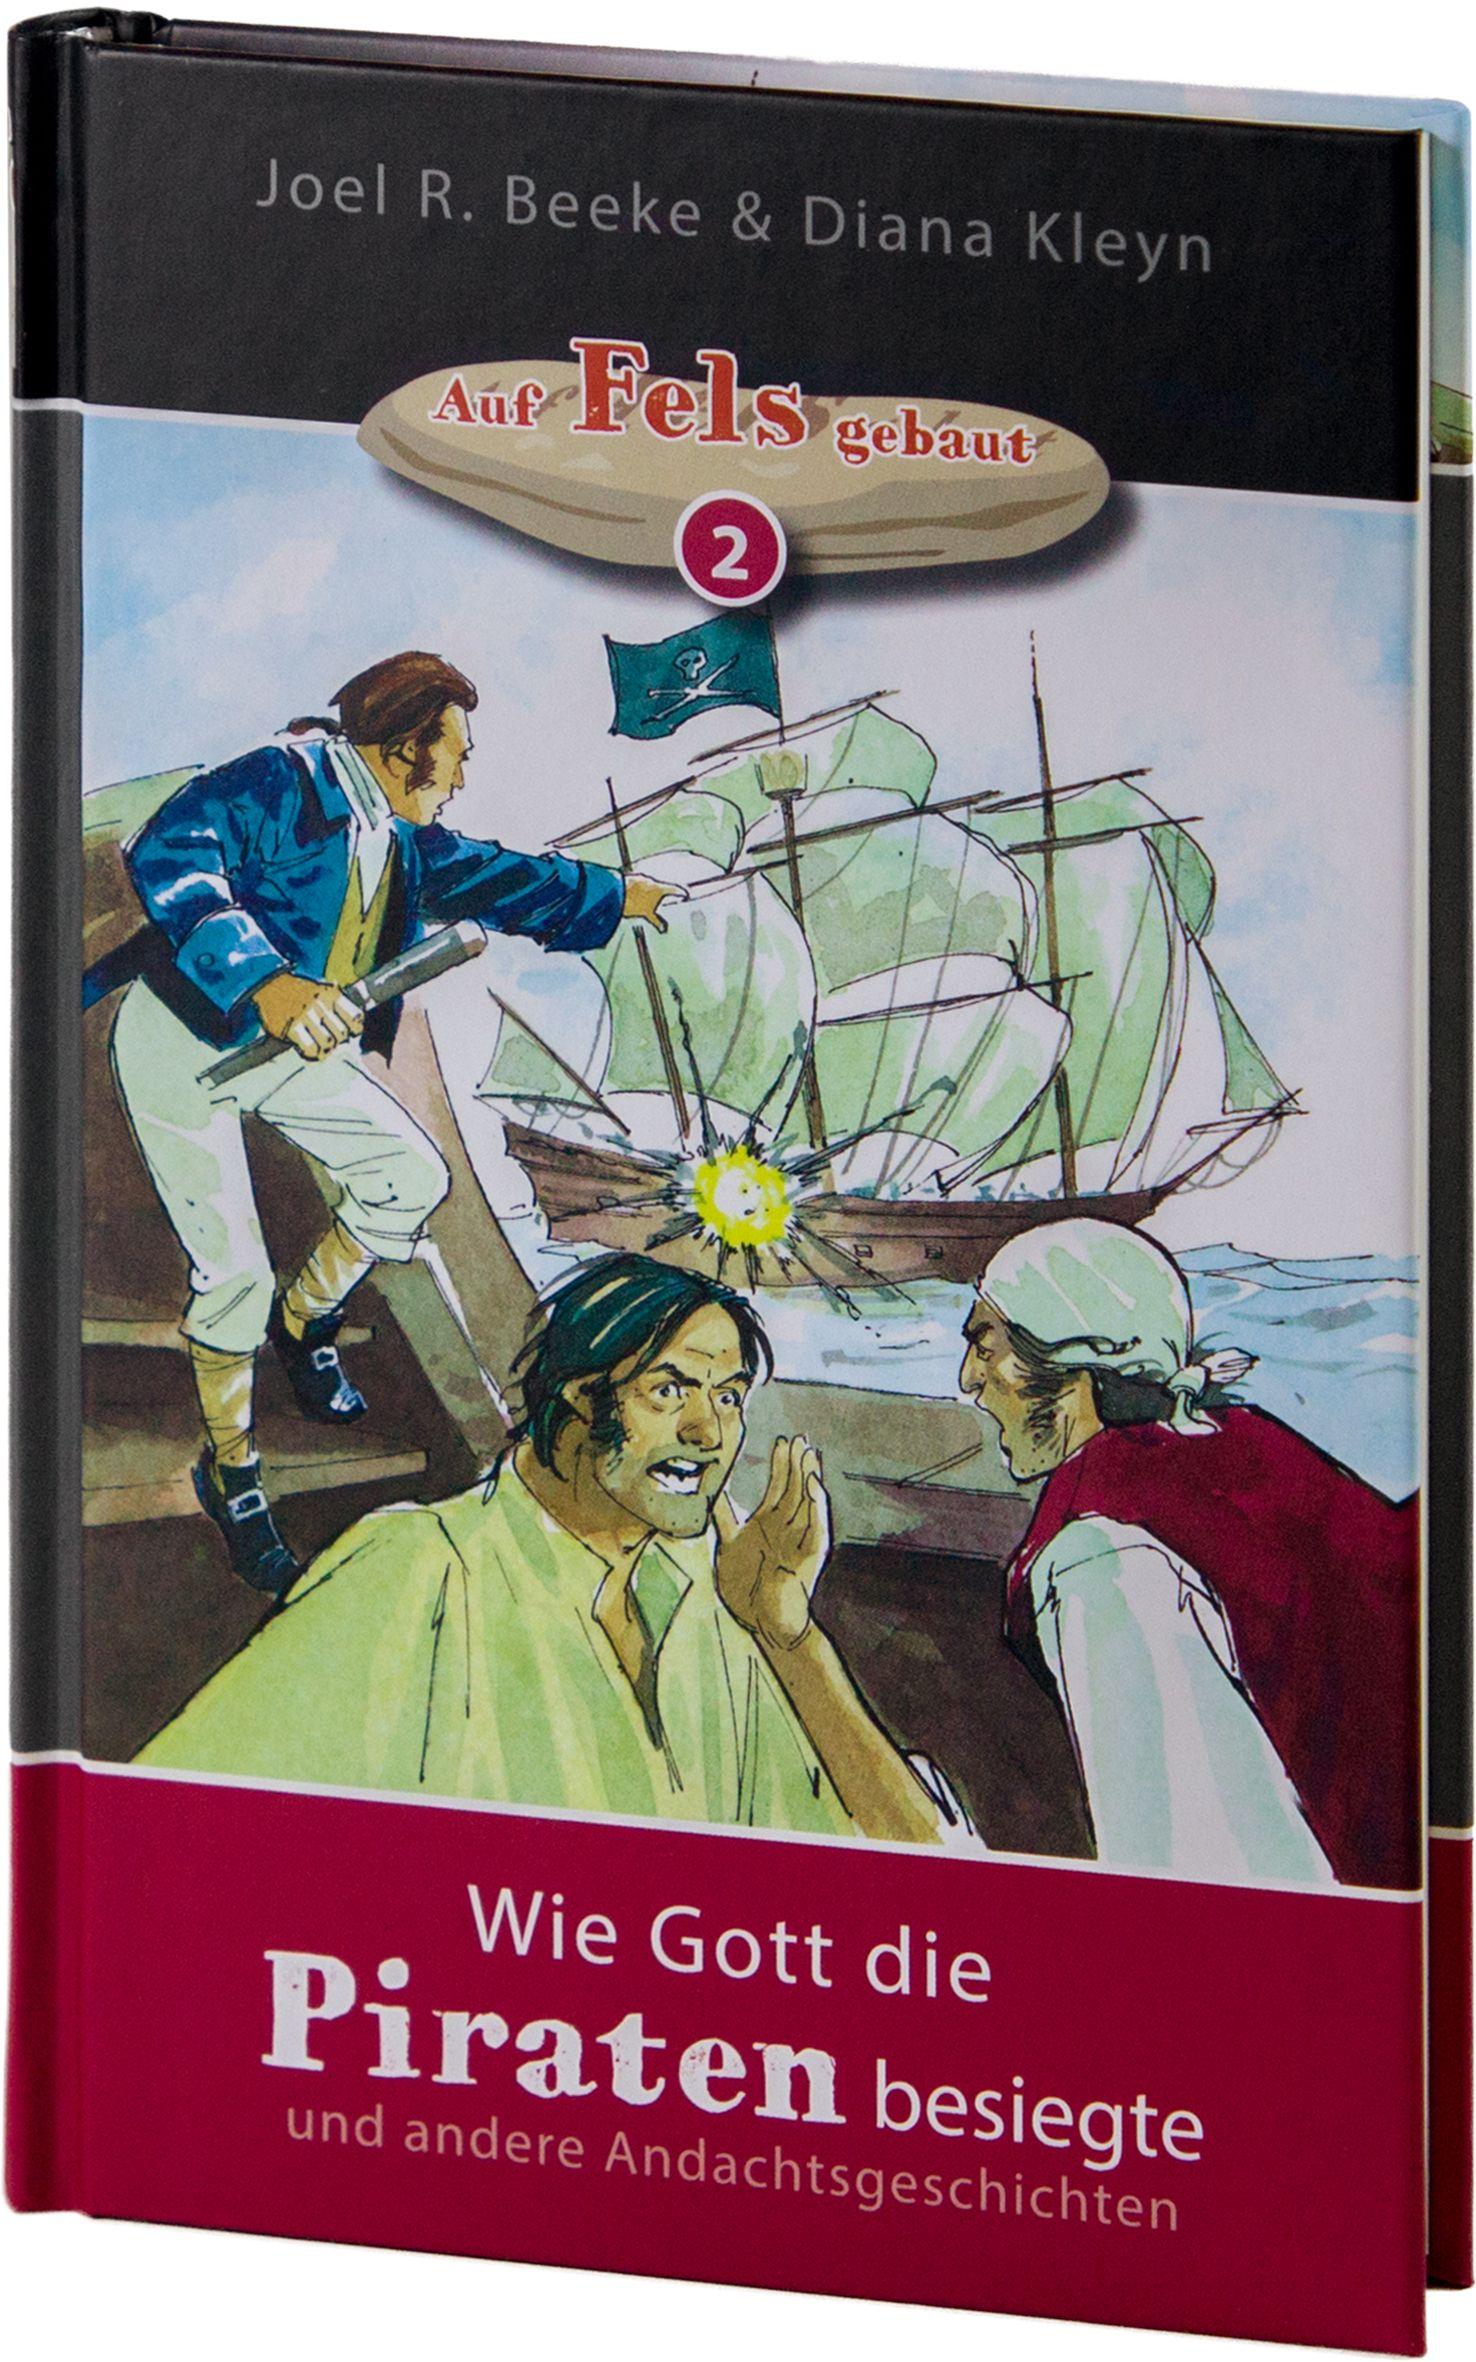 Beeke & Kleyn: Wie Gott die Piraten besiegte